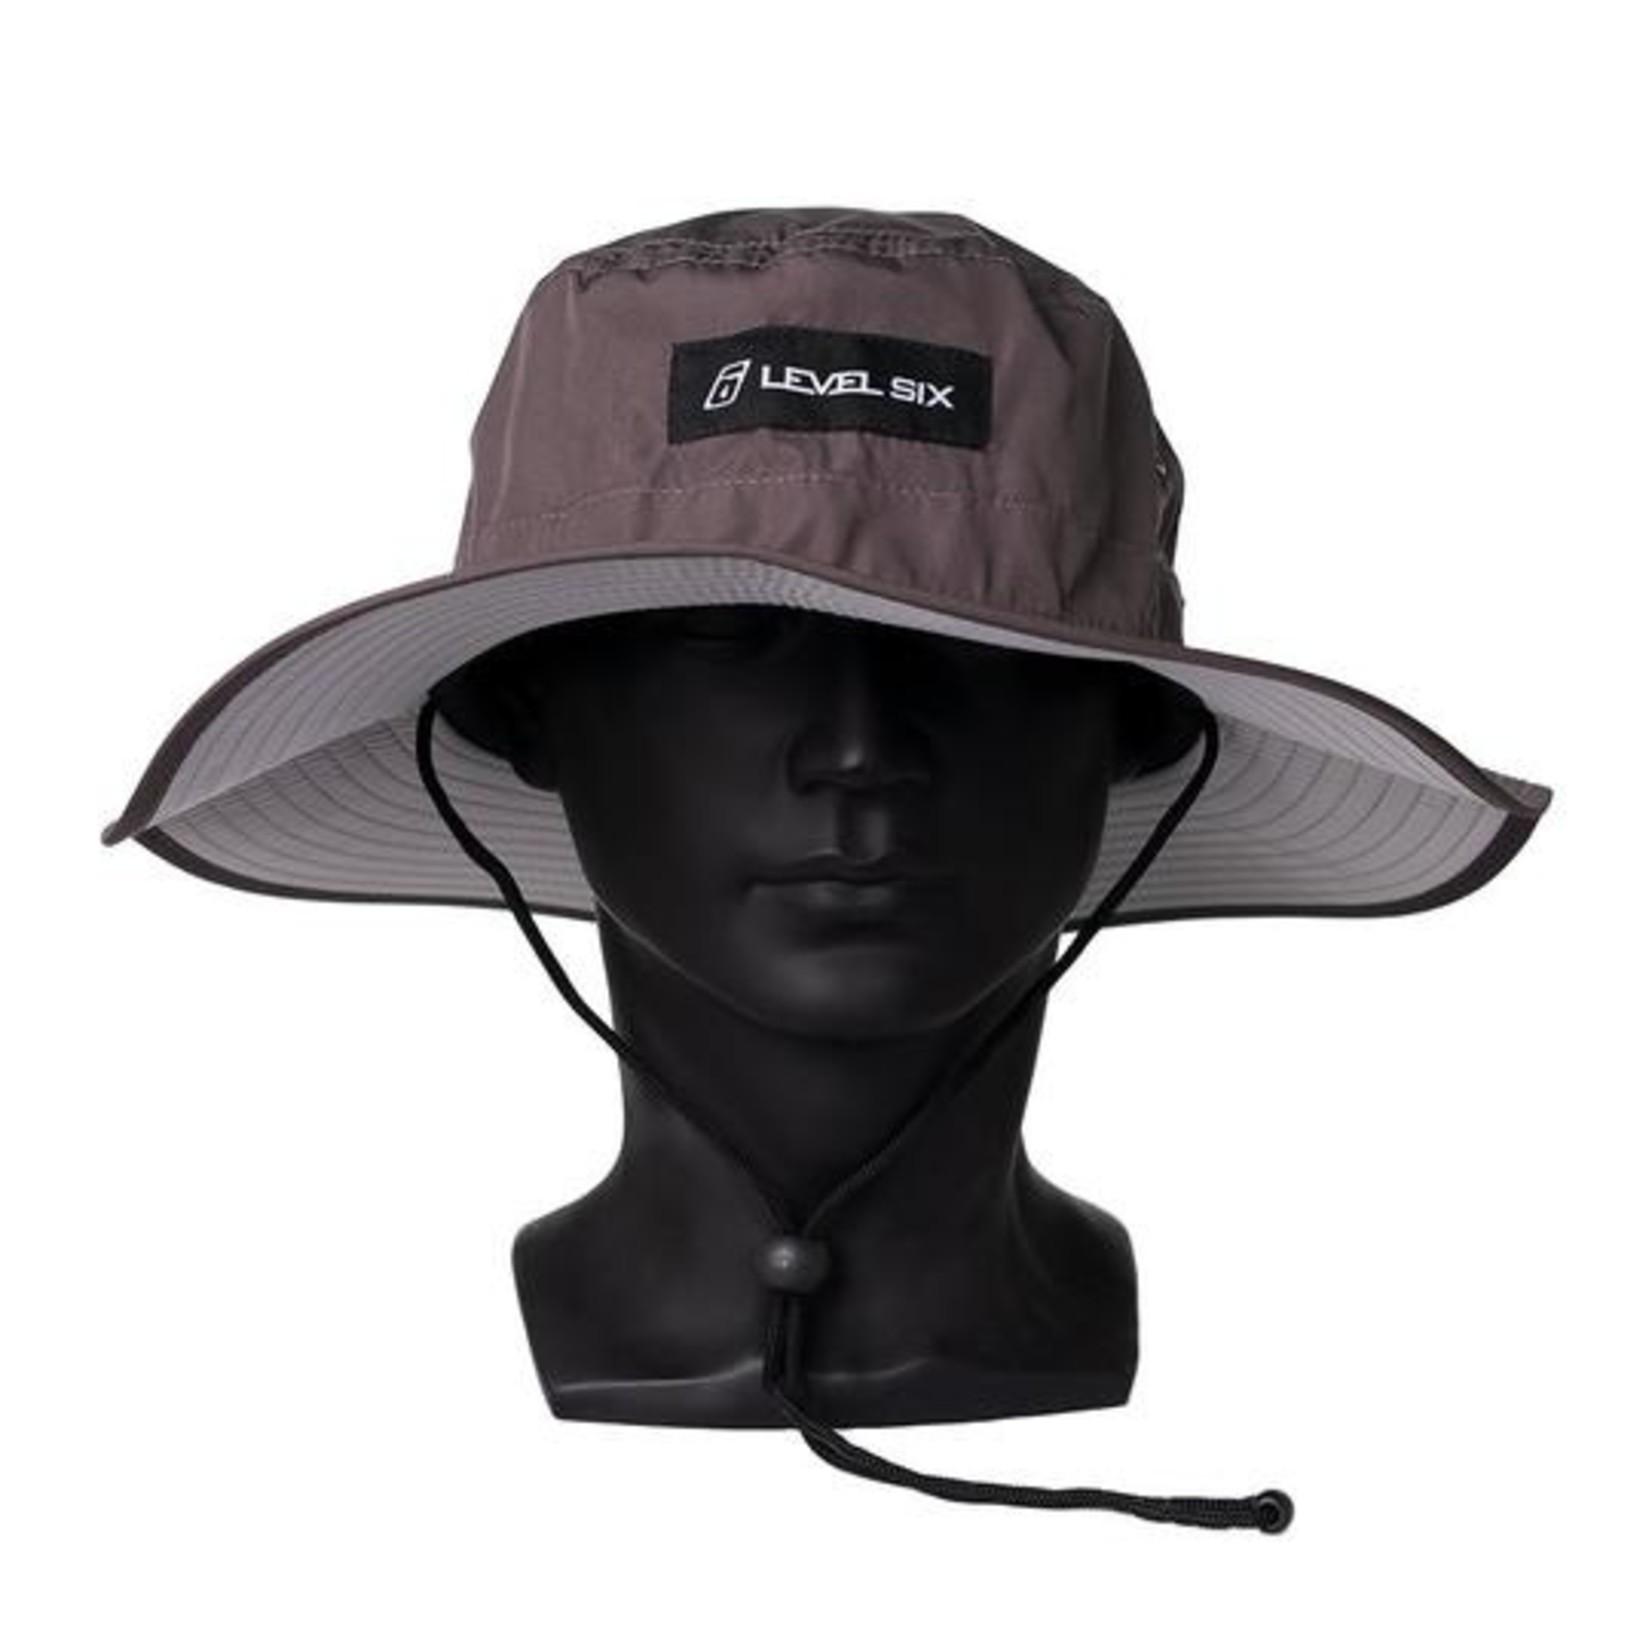 Level Six Level Six Prospector Wide Brim Hat